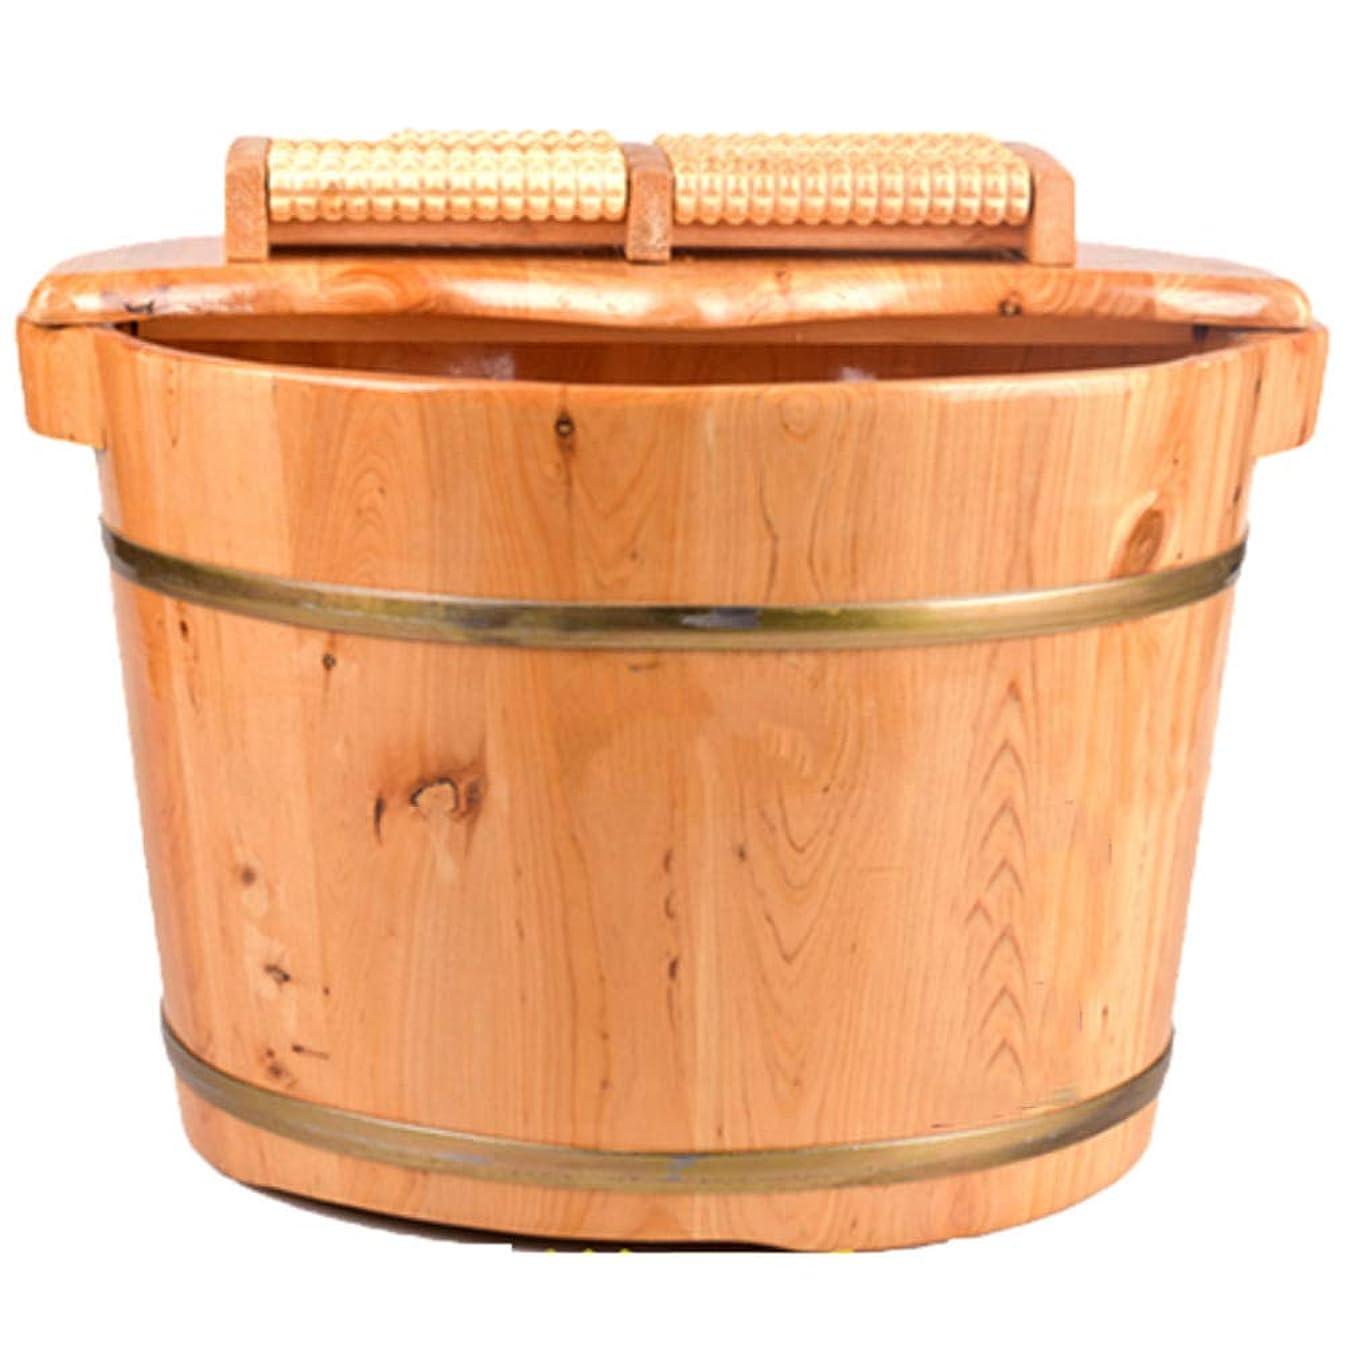 系統的森林ネックレスペディキュア盆地,軽量の木製家庭の木製の樽の足湯バスソリッドウッドの木管大人のトランペット